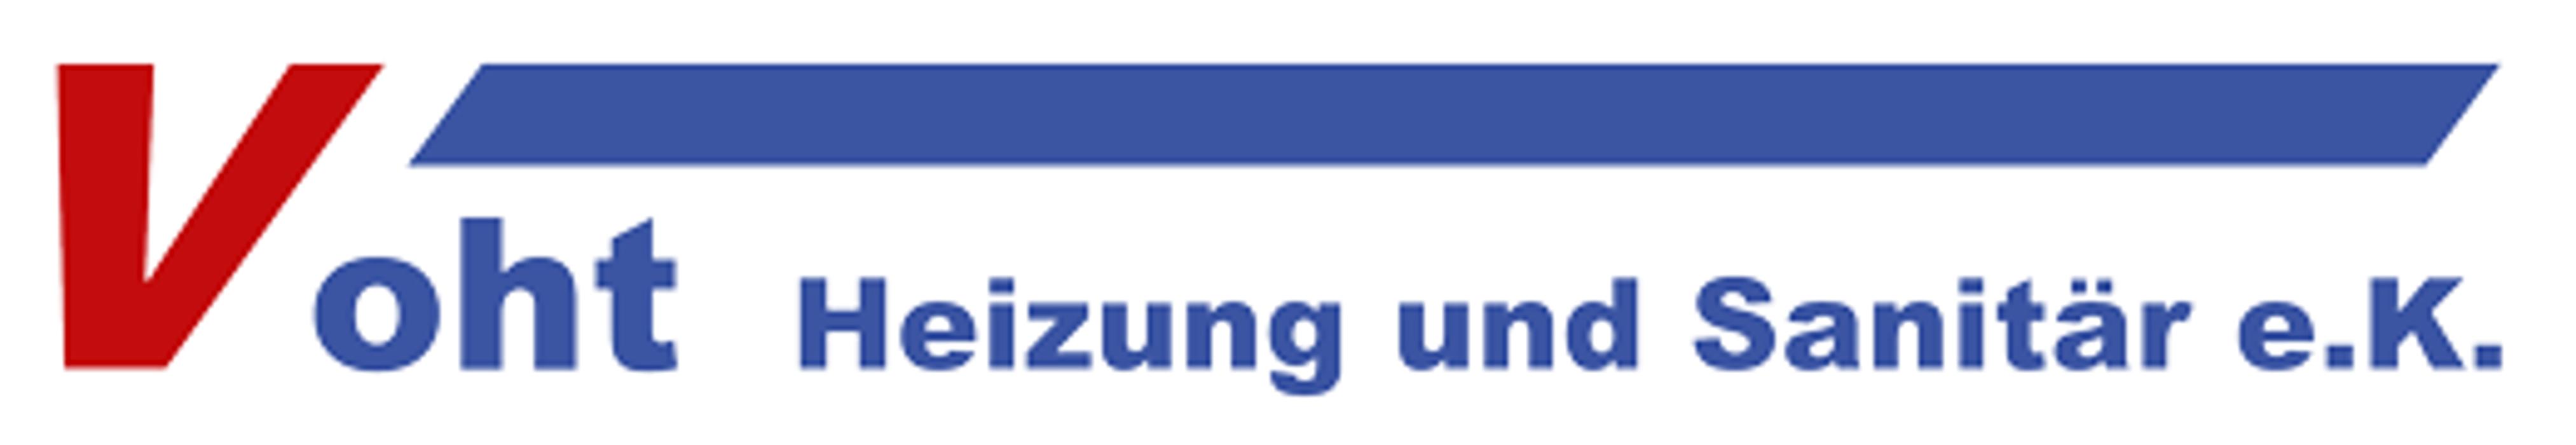 Bild zu Voht Heizung und Sanitär e.K. in Lübeck